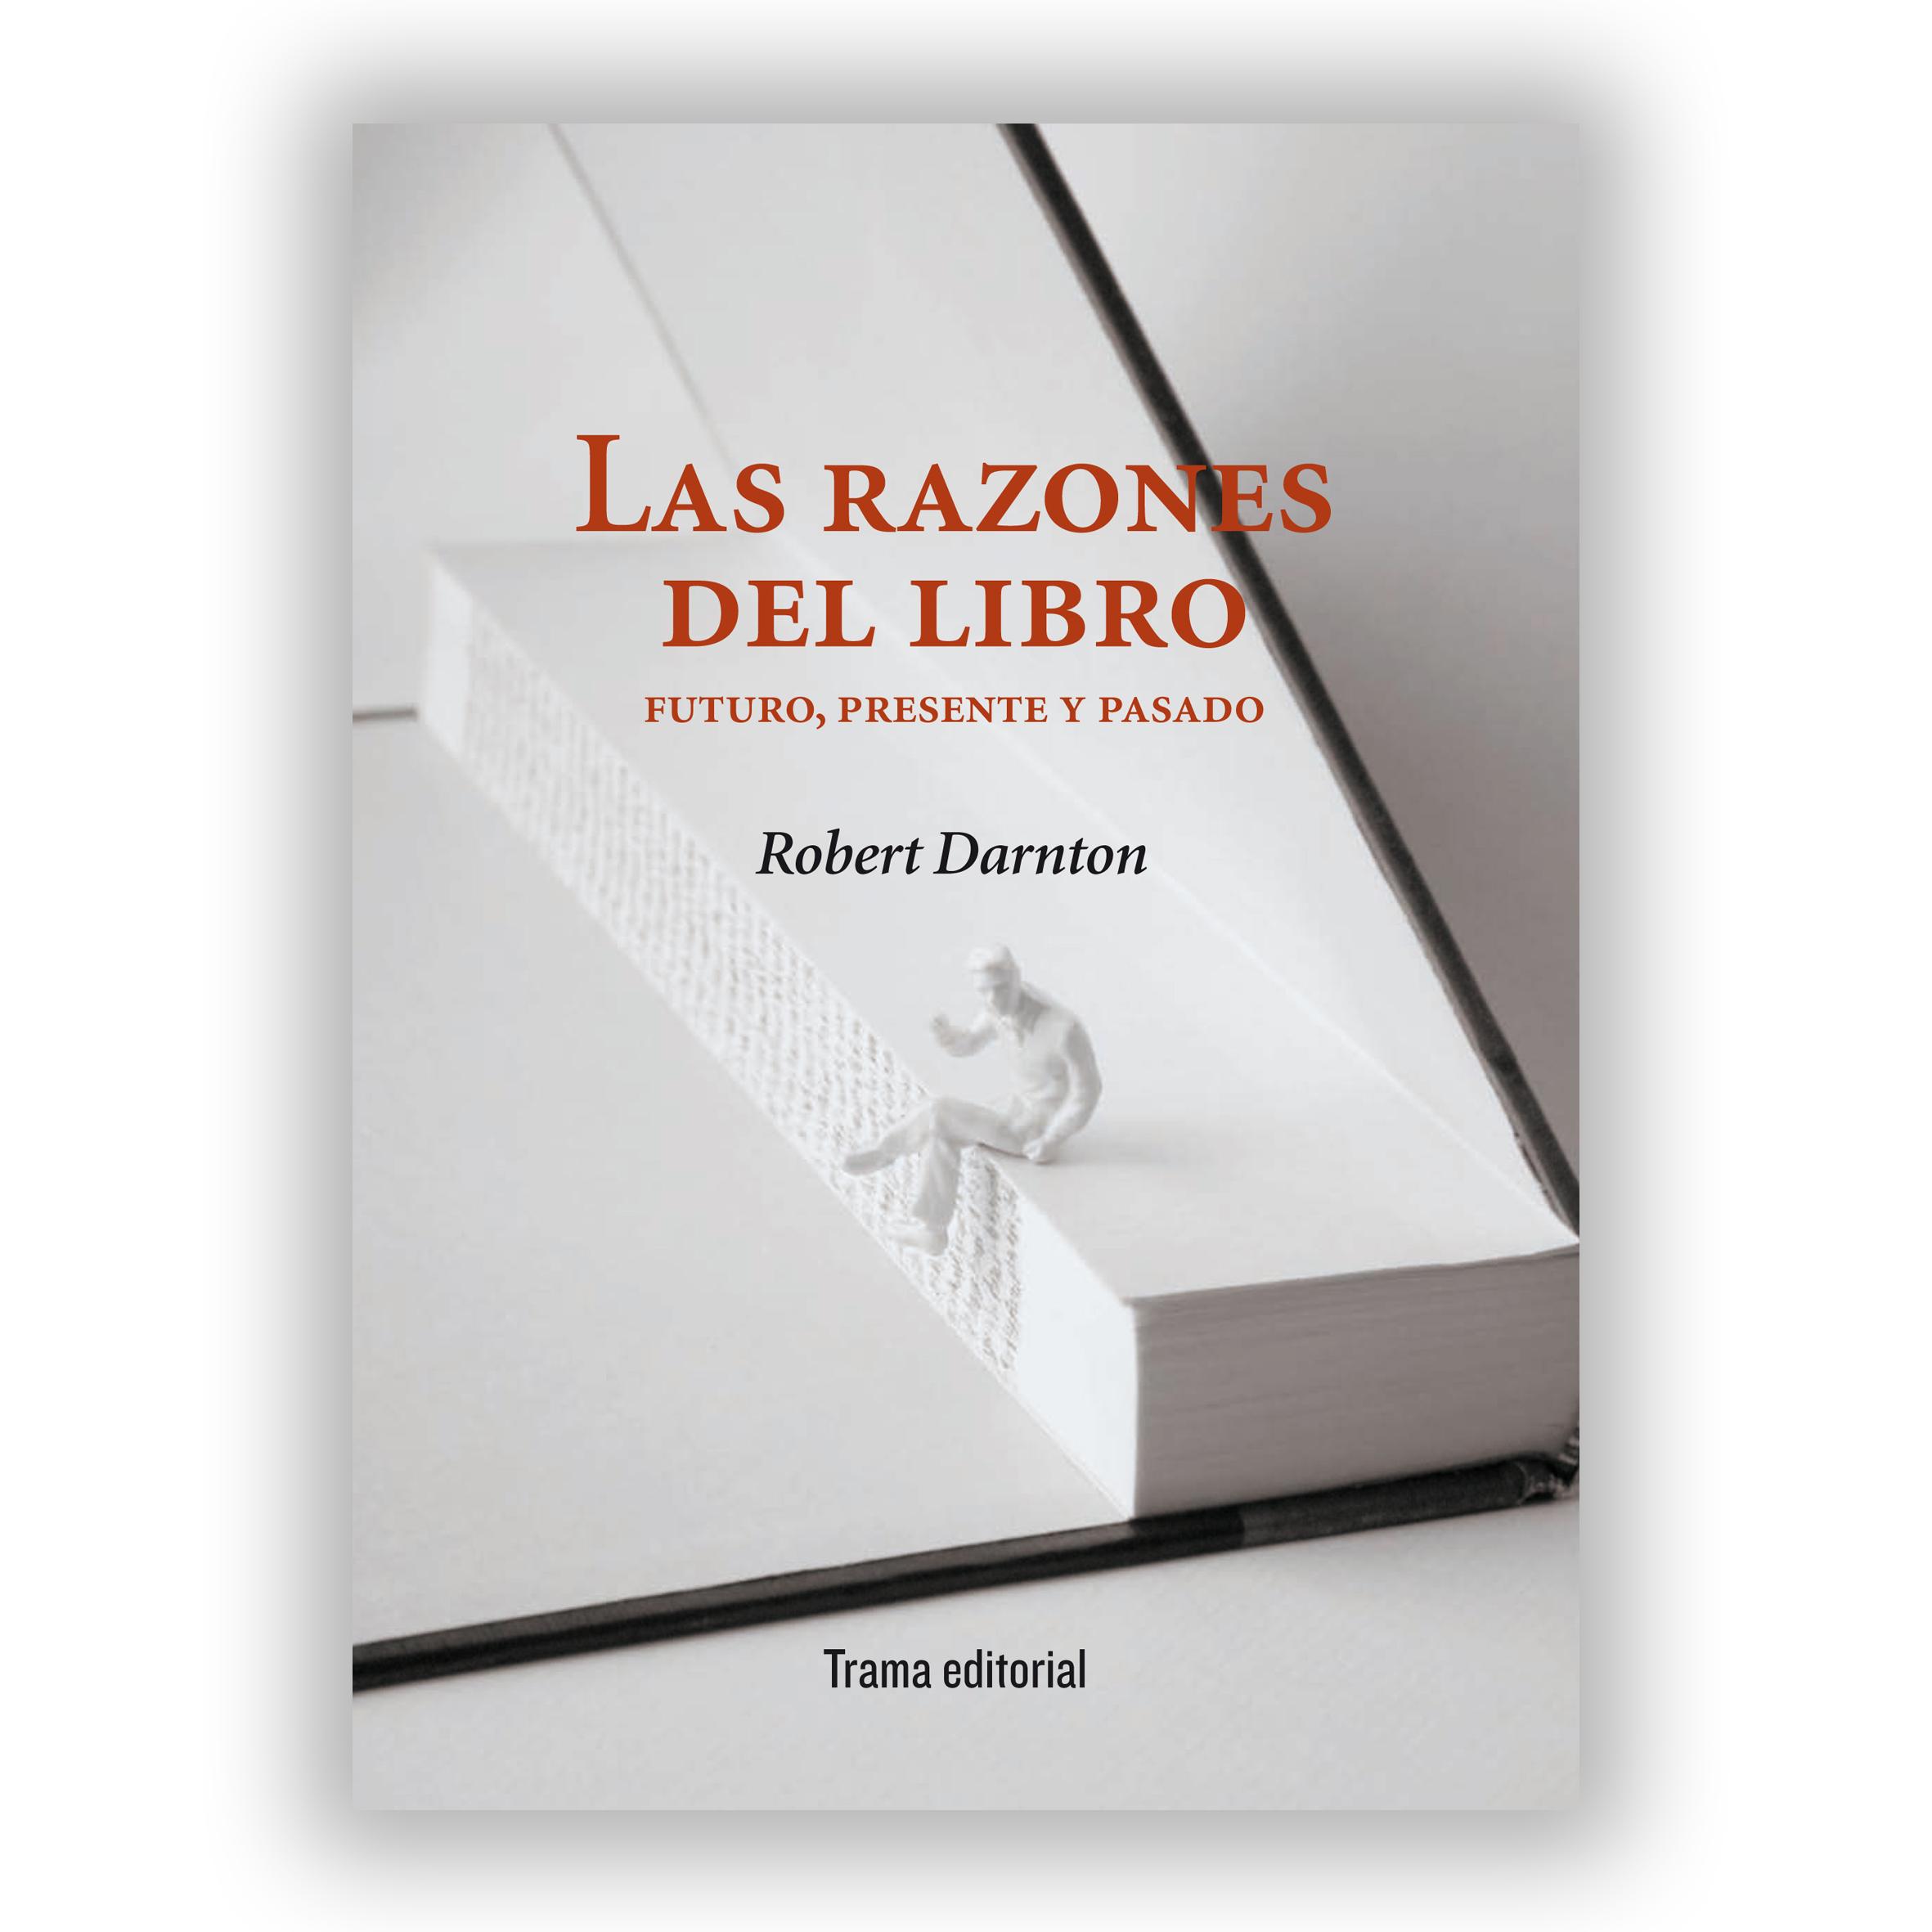 El libro, el debate impreso-digital. Olegario M. Moguel Bernal. En torno a Las razones del libro de Robert Darnton